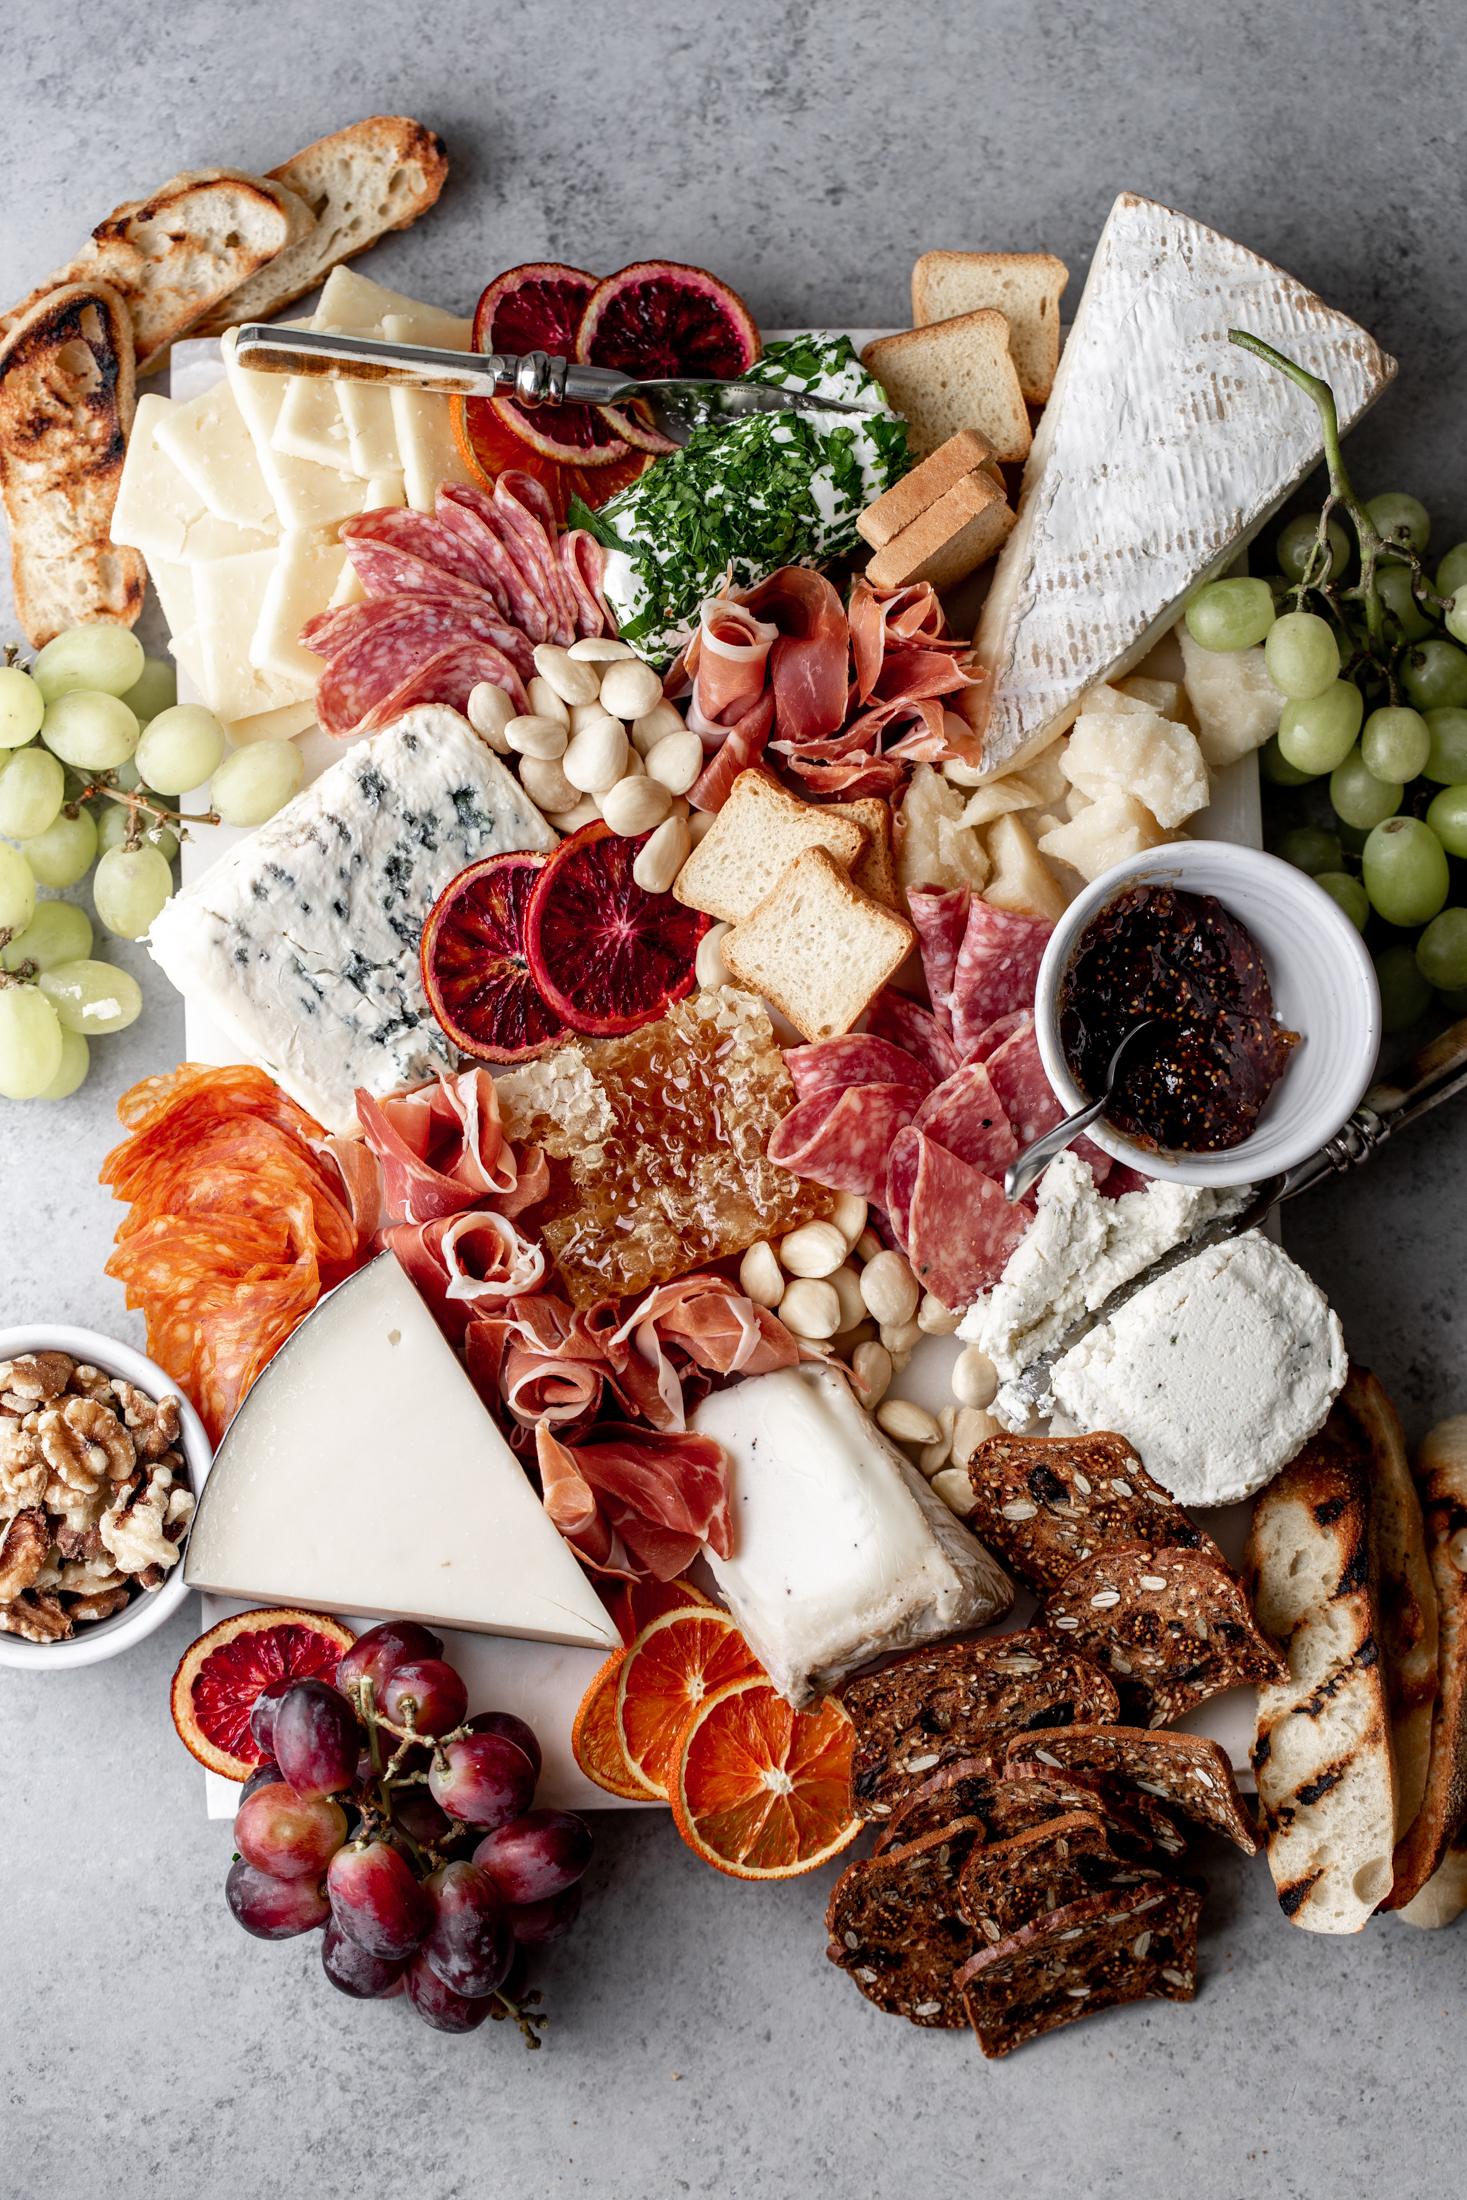 развлекательный сыр и мясные закуски от кулинарии с коктейльными кольцами